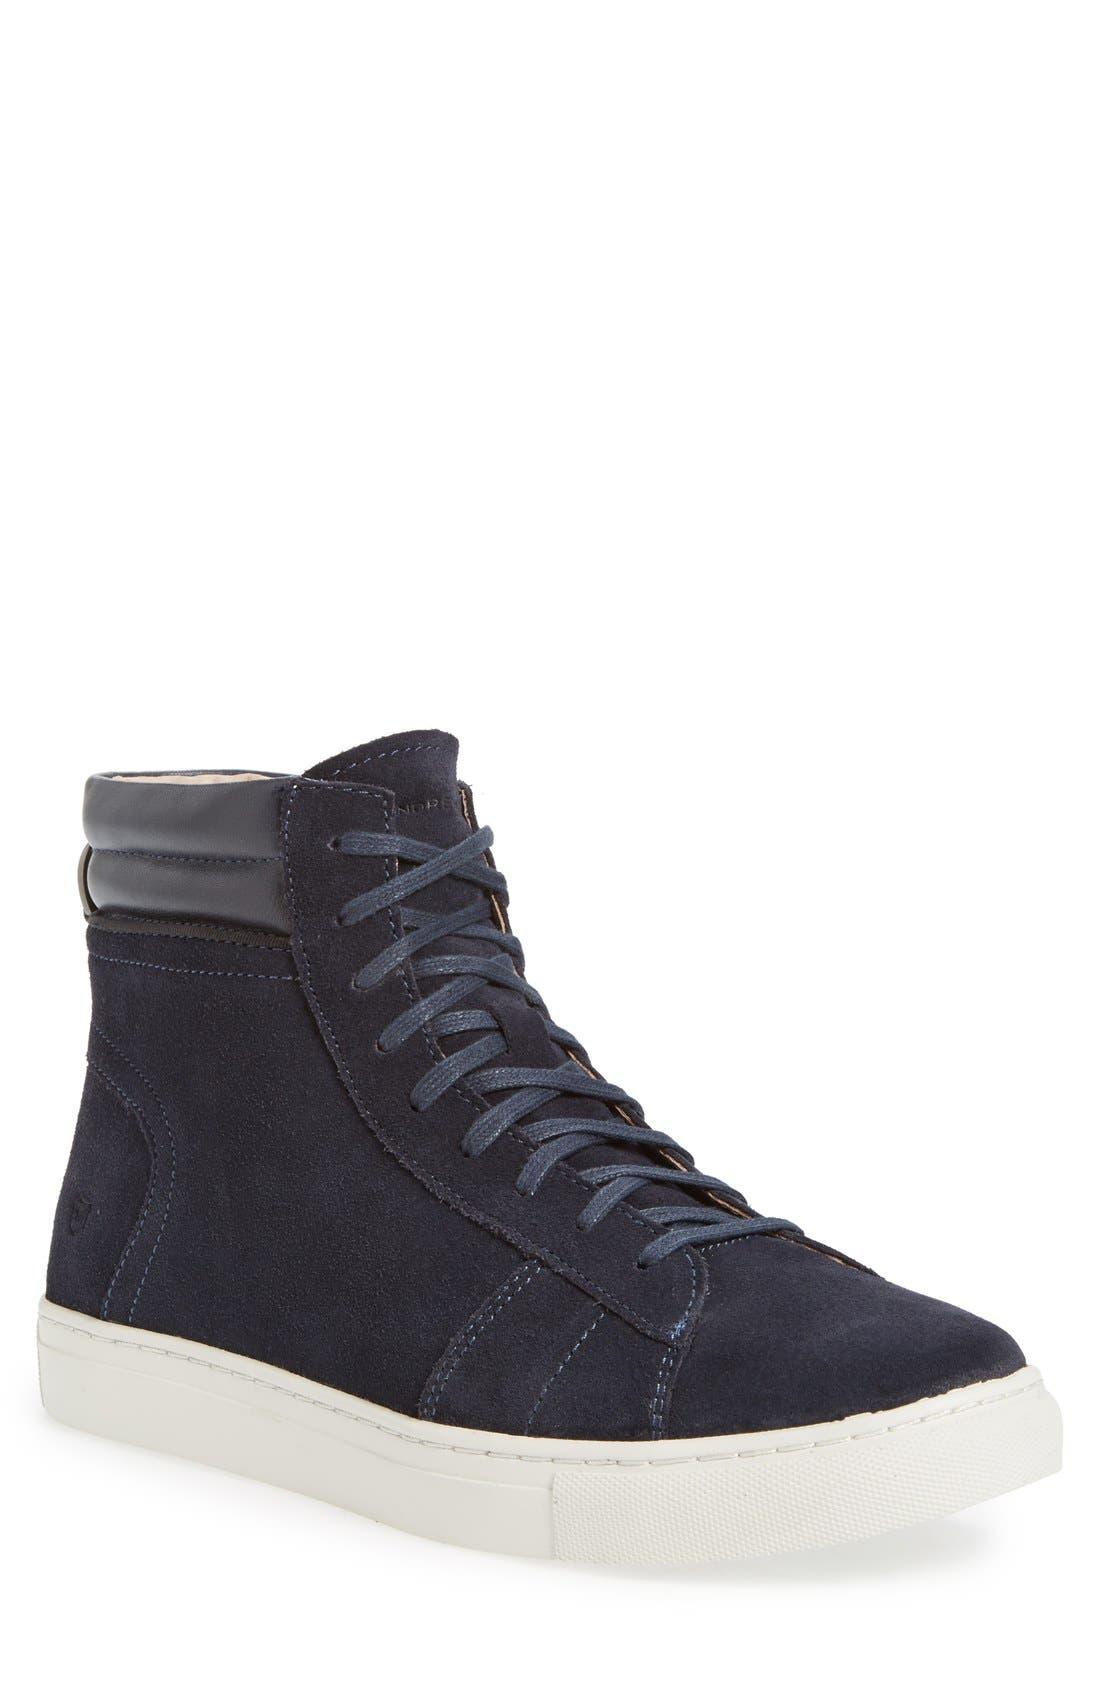 Andrew Marc 'Remsen' High Top Sneaker (Men)